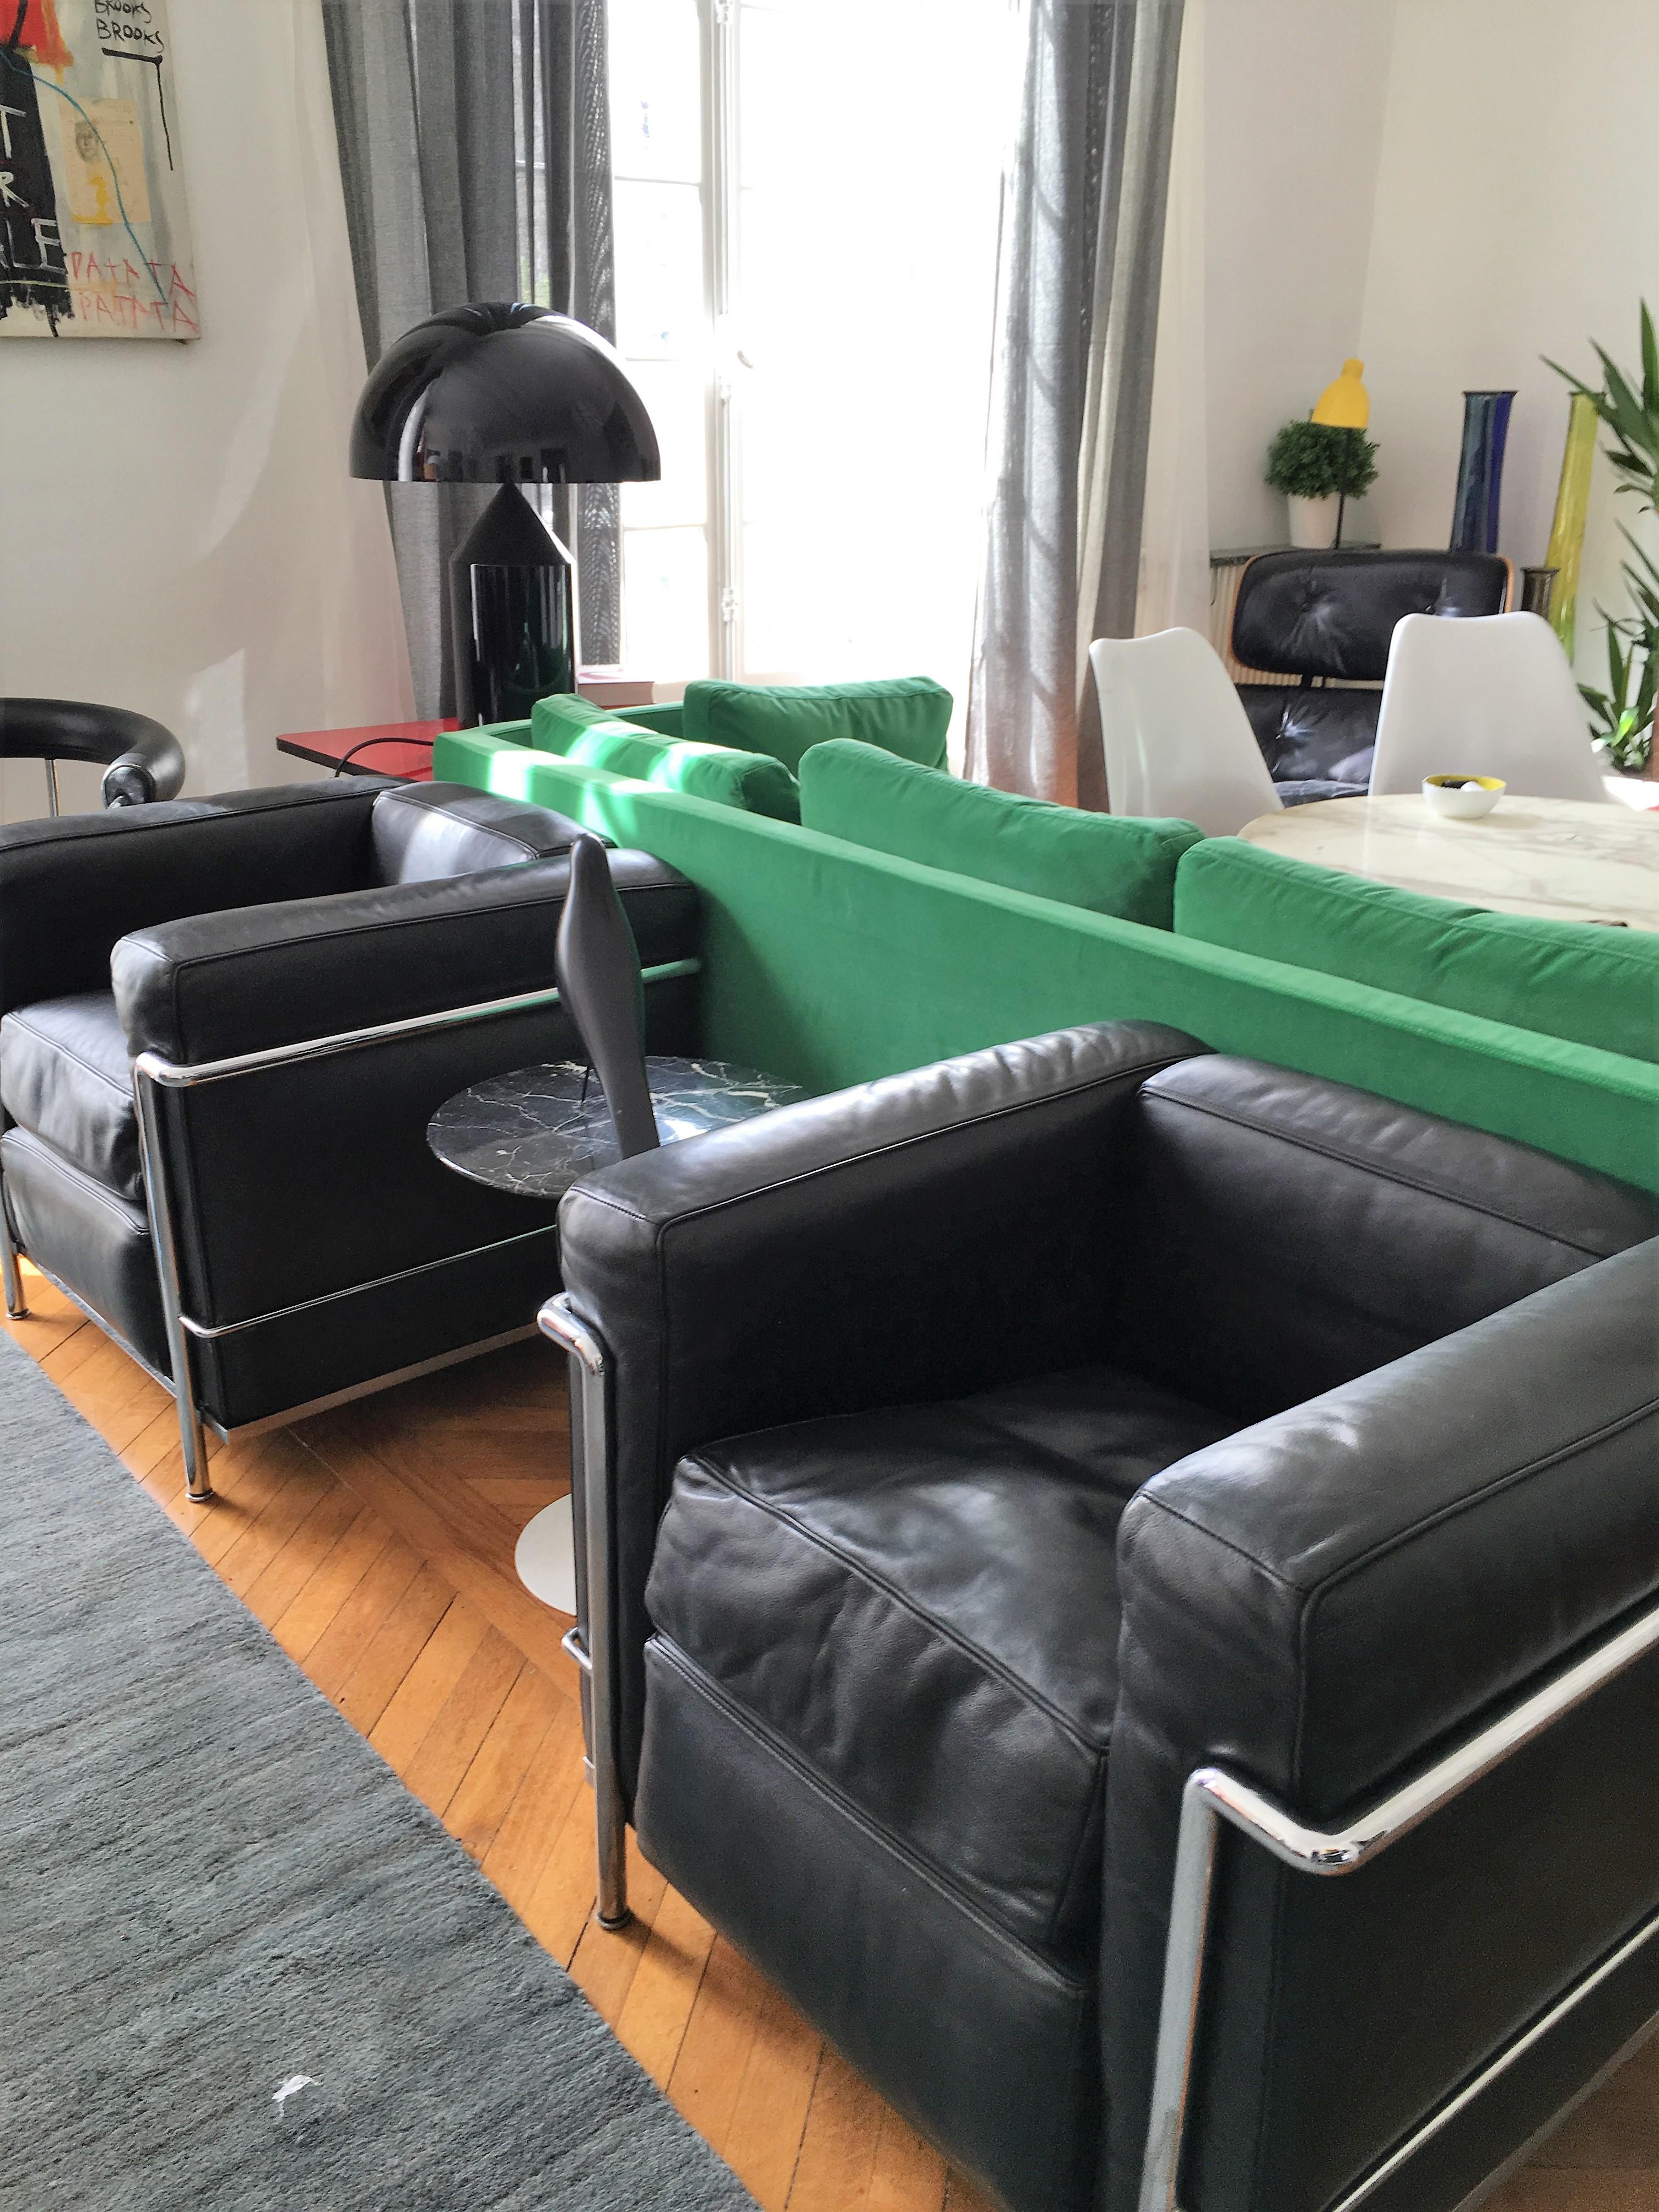 fauteuils l 39 atelier 50 boutique vintage achat et vente mobilier vintage accessoires design. Black Bedroom Furniture Sets. Home Design Ideas